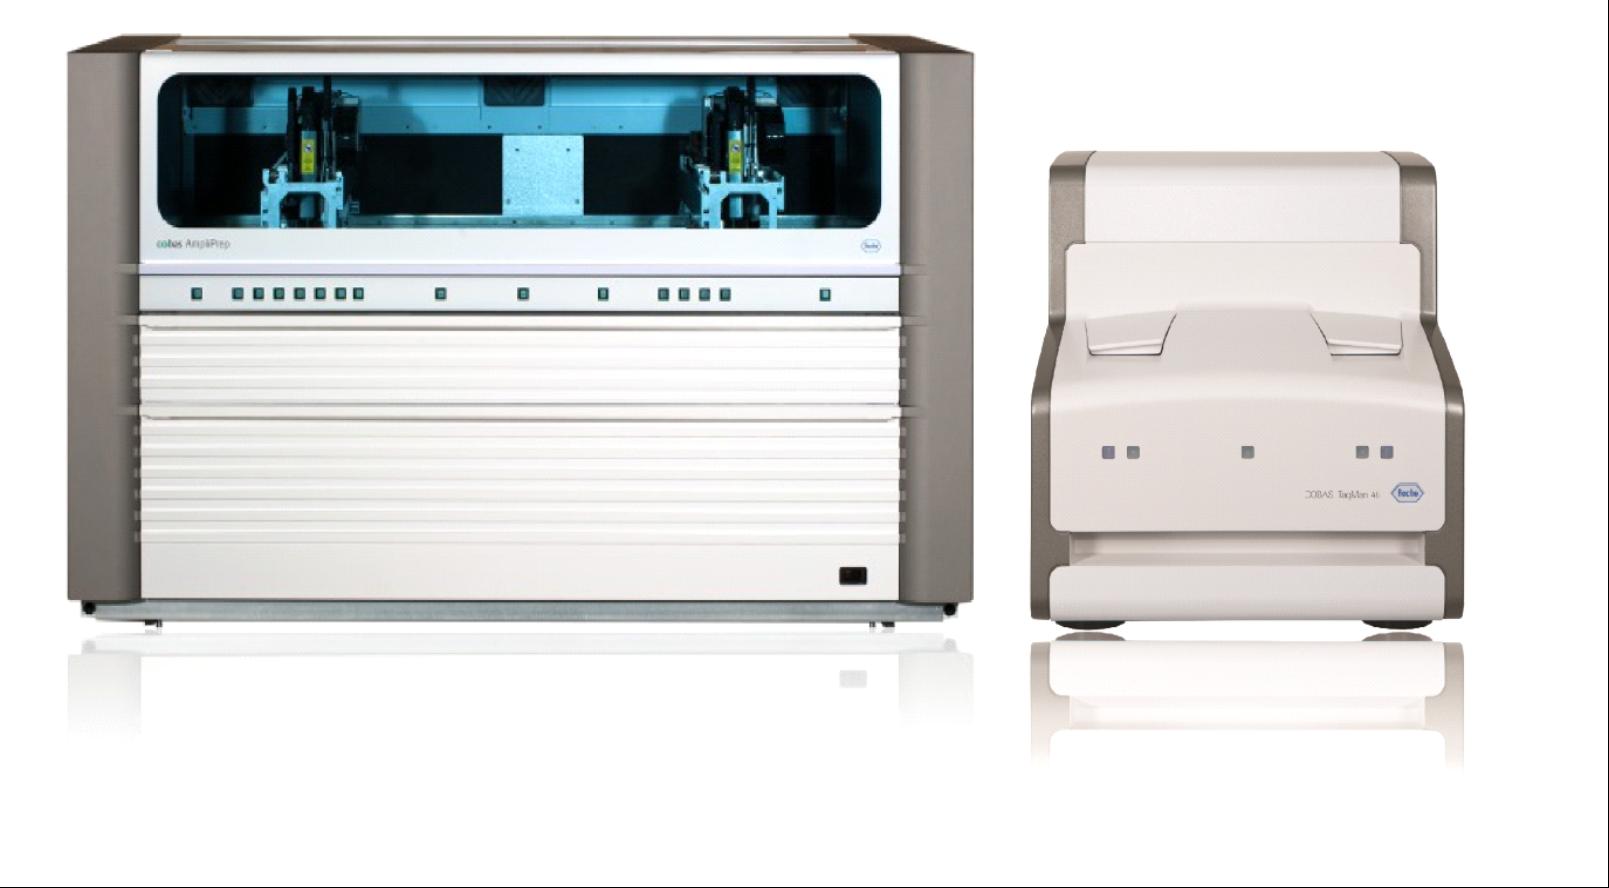 Автоматическая ПЦР система в реальном времени COBAS TaqMan 48 со станцией для пробоподготовки образцов COBAS Ampliprep